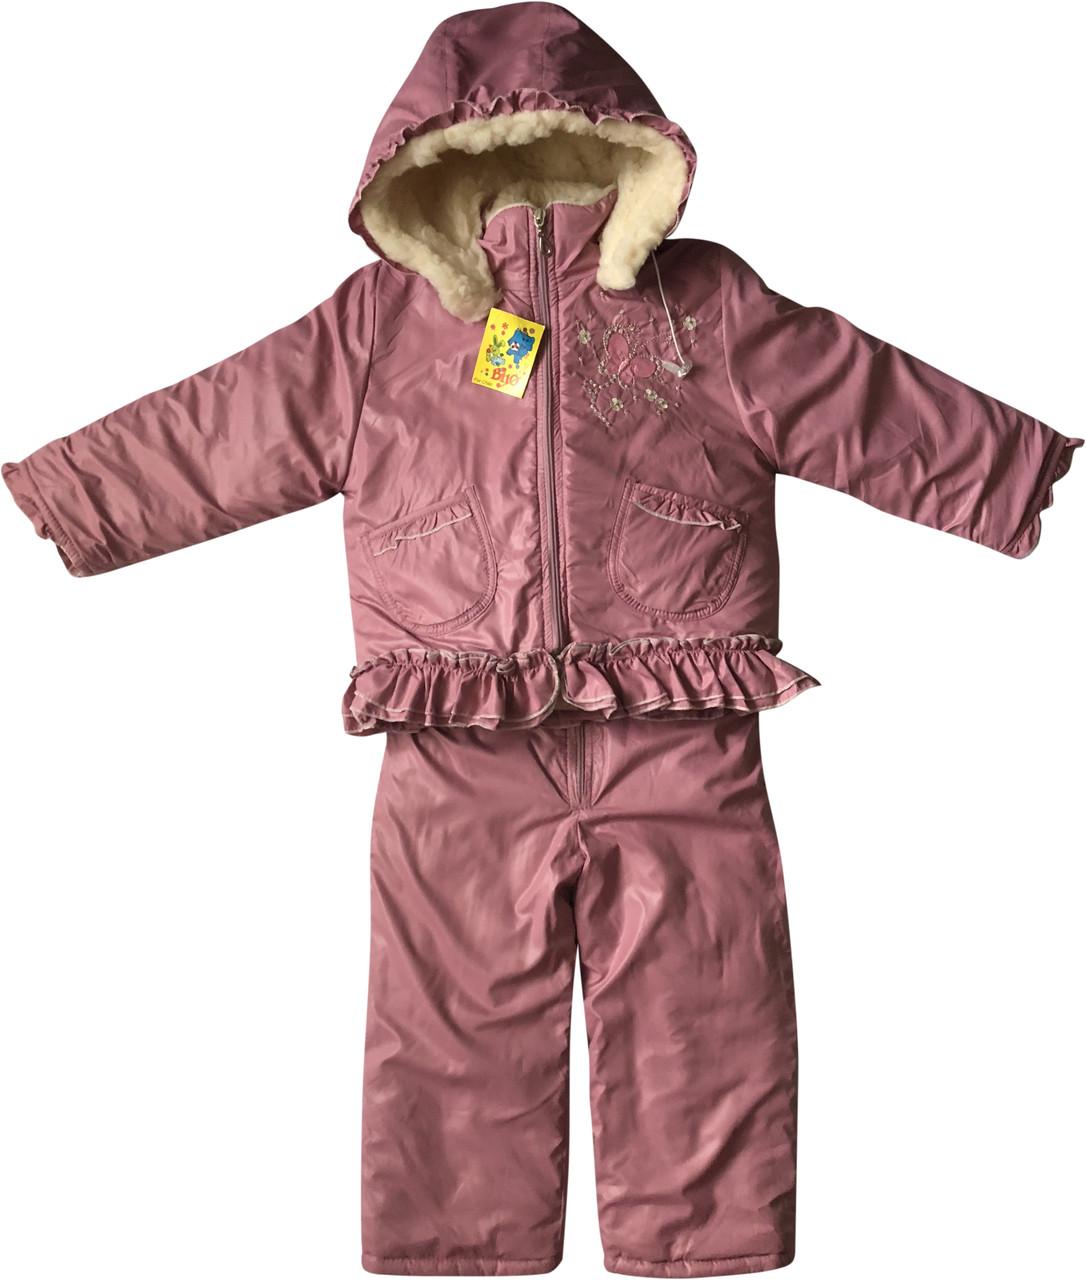 Детский зимний комбинезон на девочку рост 92 1,5-2 года для малышей детей раздельный пудровый розовый